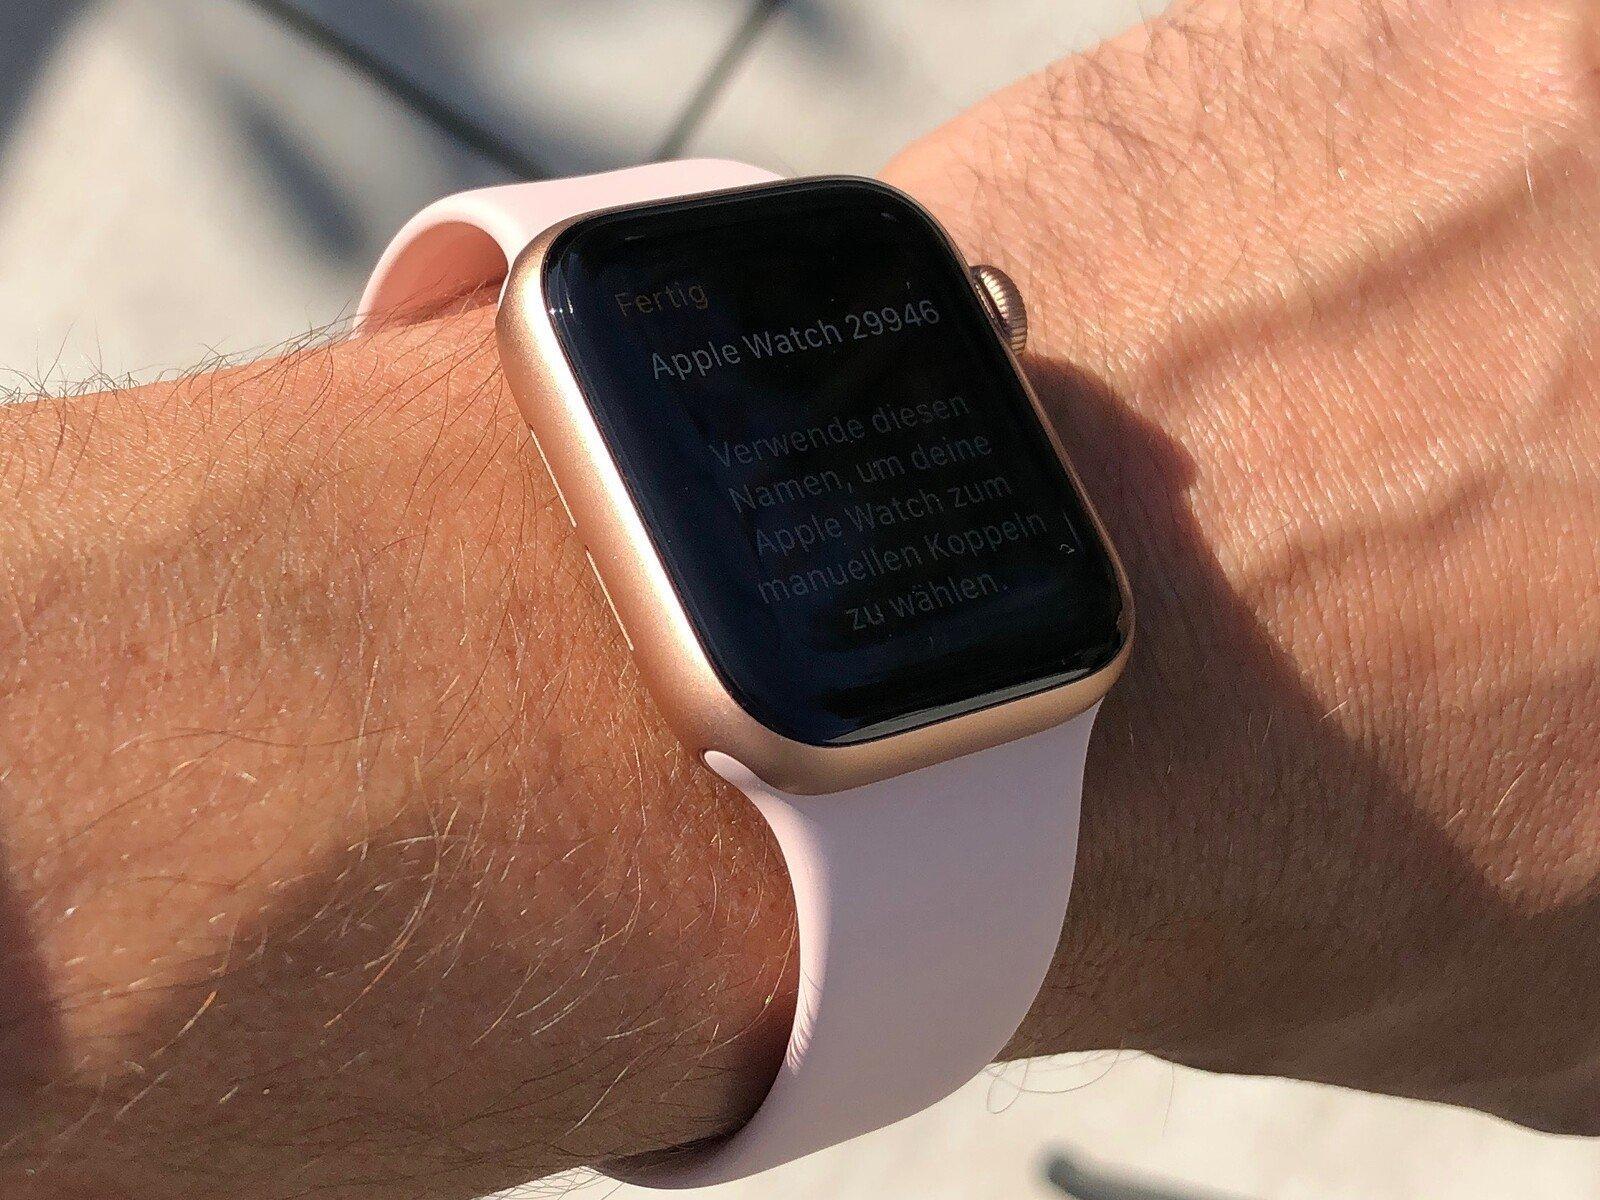 Apple Watch Series 6 будет поддерживать мониторинг уровня кислорода в крови и отслеживание сна (csm apple watch5 40mm sonne 604177bf83)